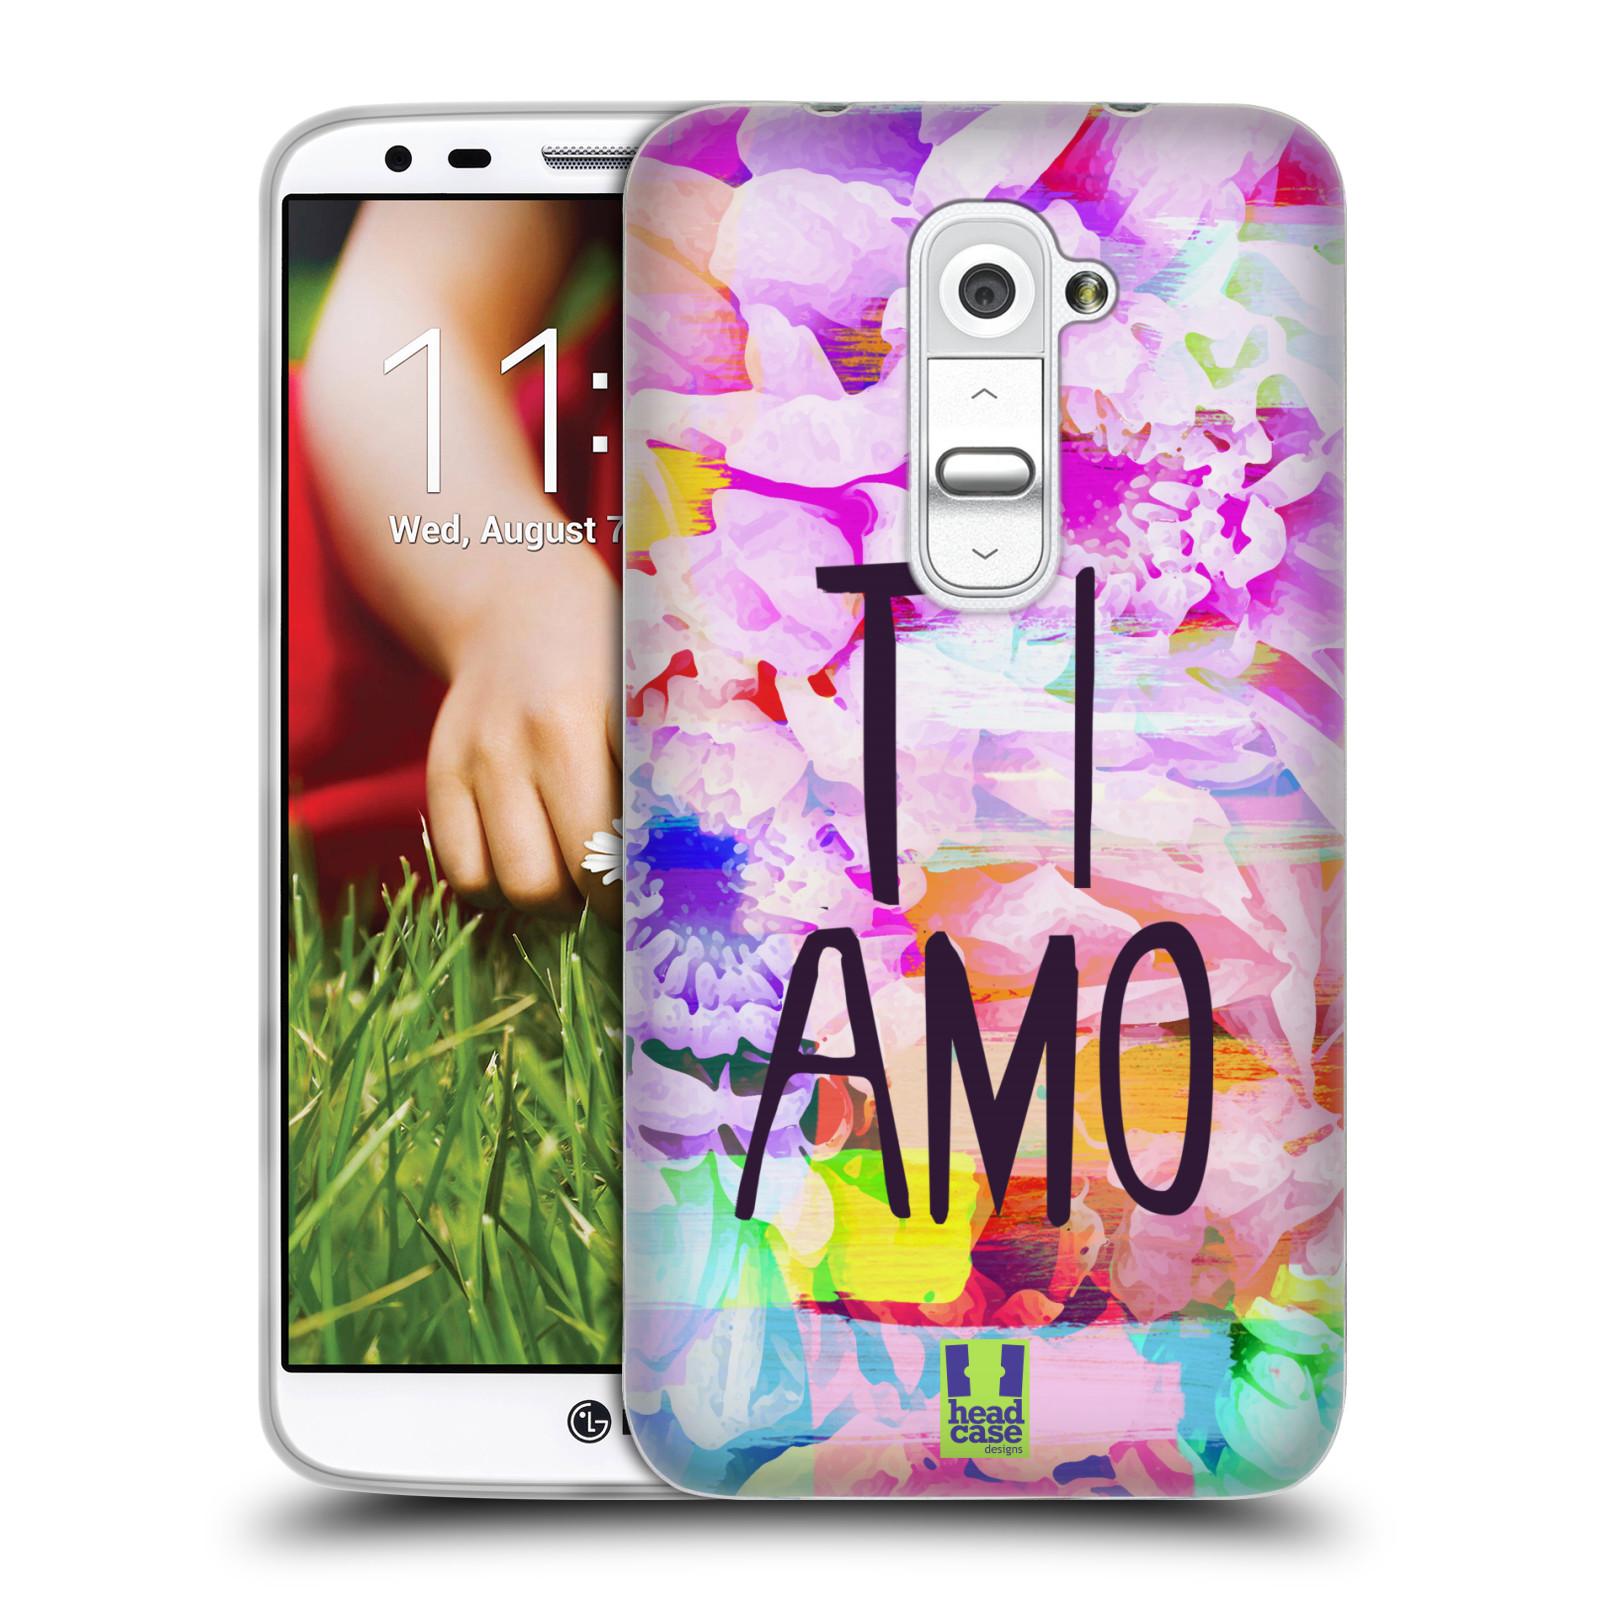 HEAD CASE silikonový obal na mobil LG G2 (D802) Láska a květy Ti Amo ... 8d2191aa36d